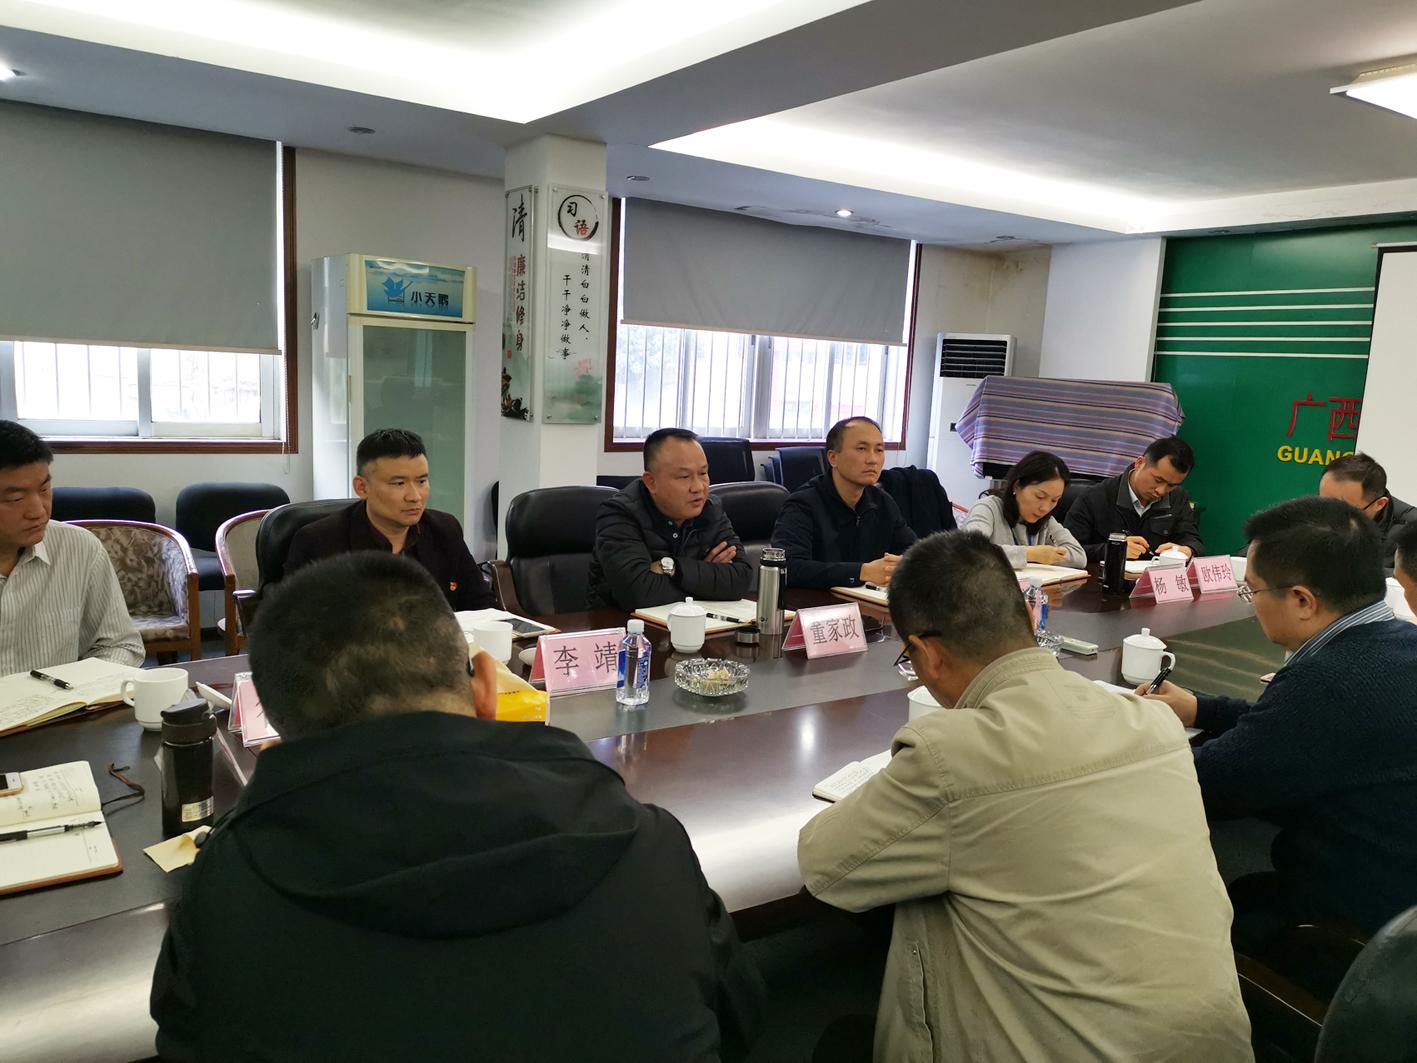 2019年12月集团公司董事长董家政、总经理陈海波等领导到公司指导工作